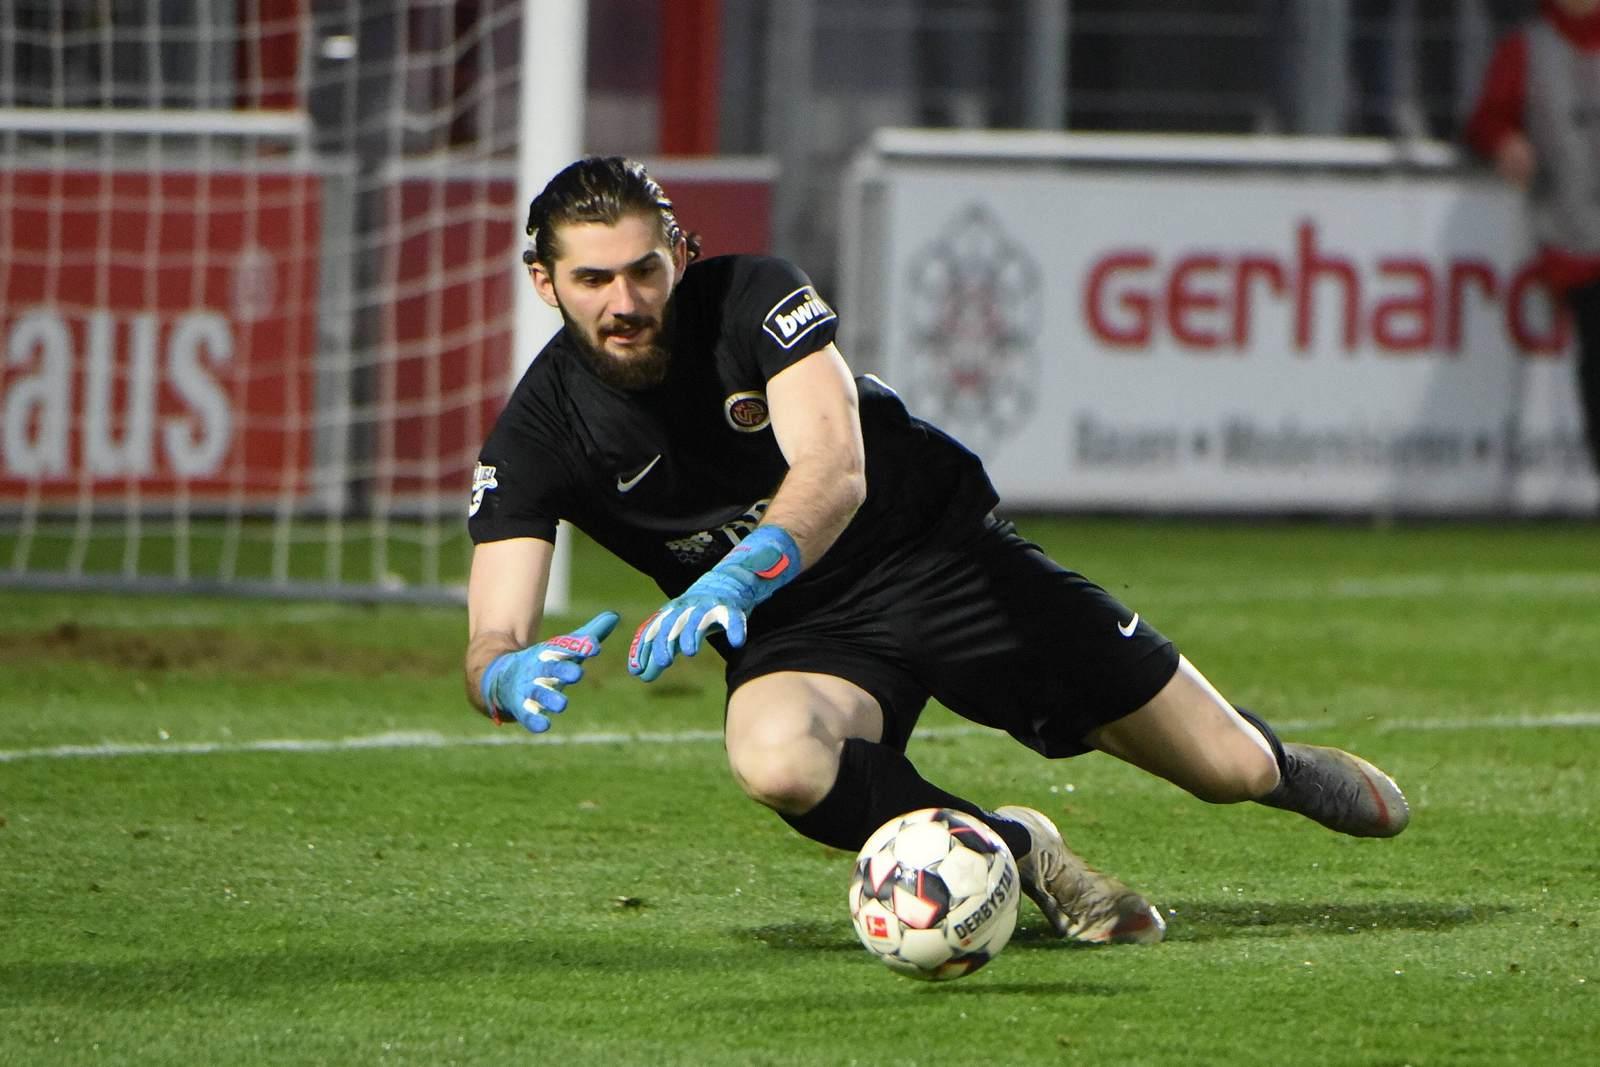 Lukas Watkowiak hechtet nach dem Ball